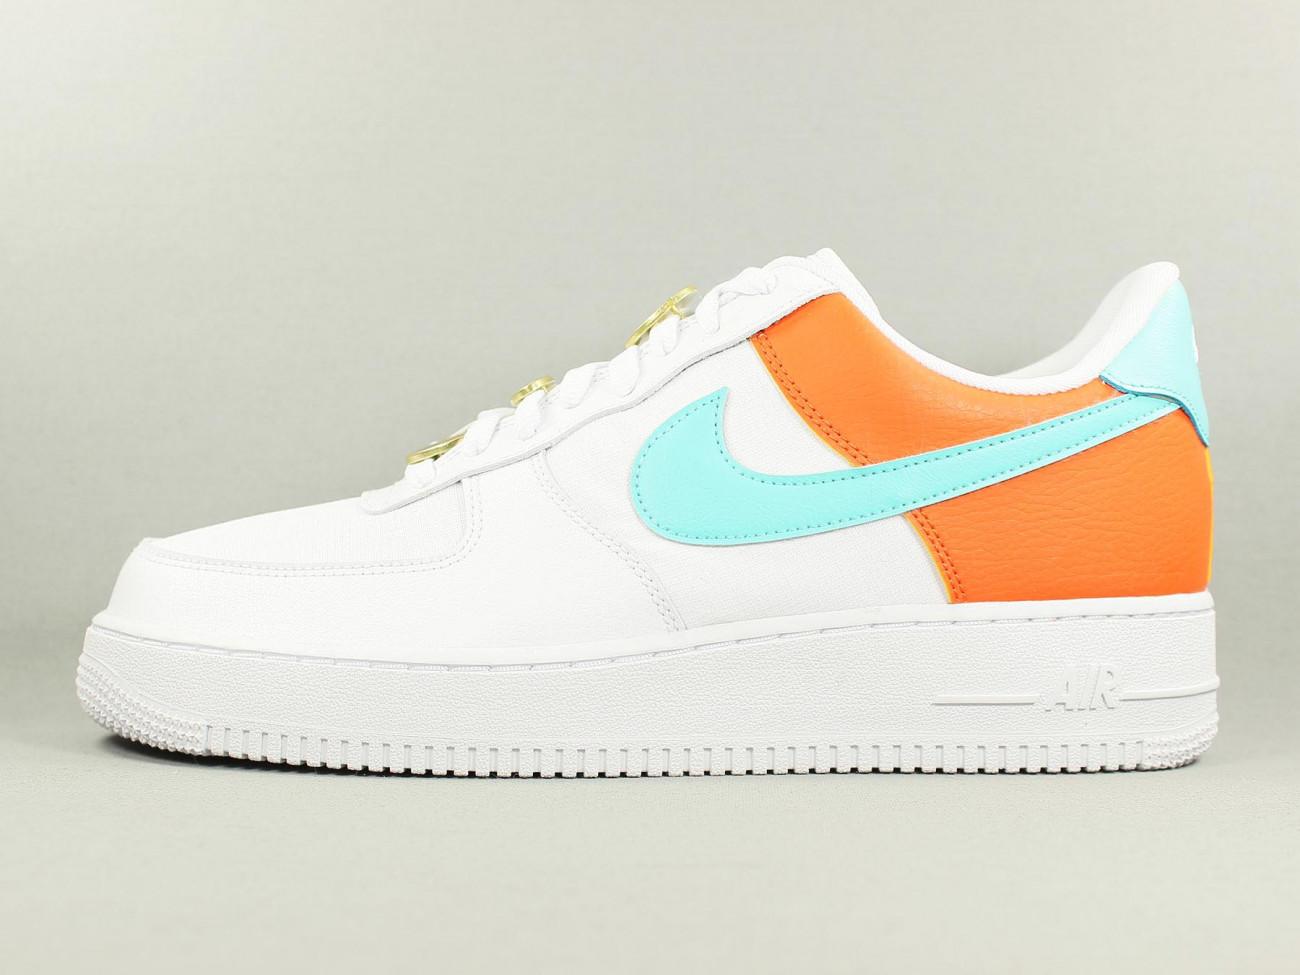 Nike WMNS Air Force 1 '07 SE Cosmic Clay AA0287 106 | 43einhalb Sneaker Store